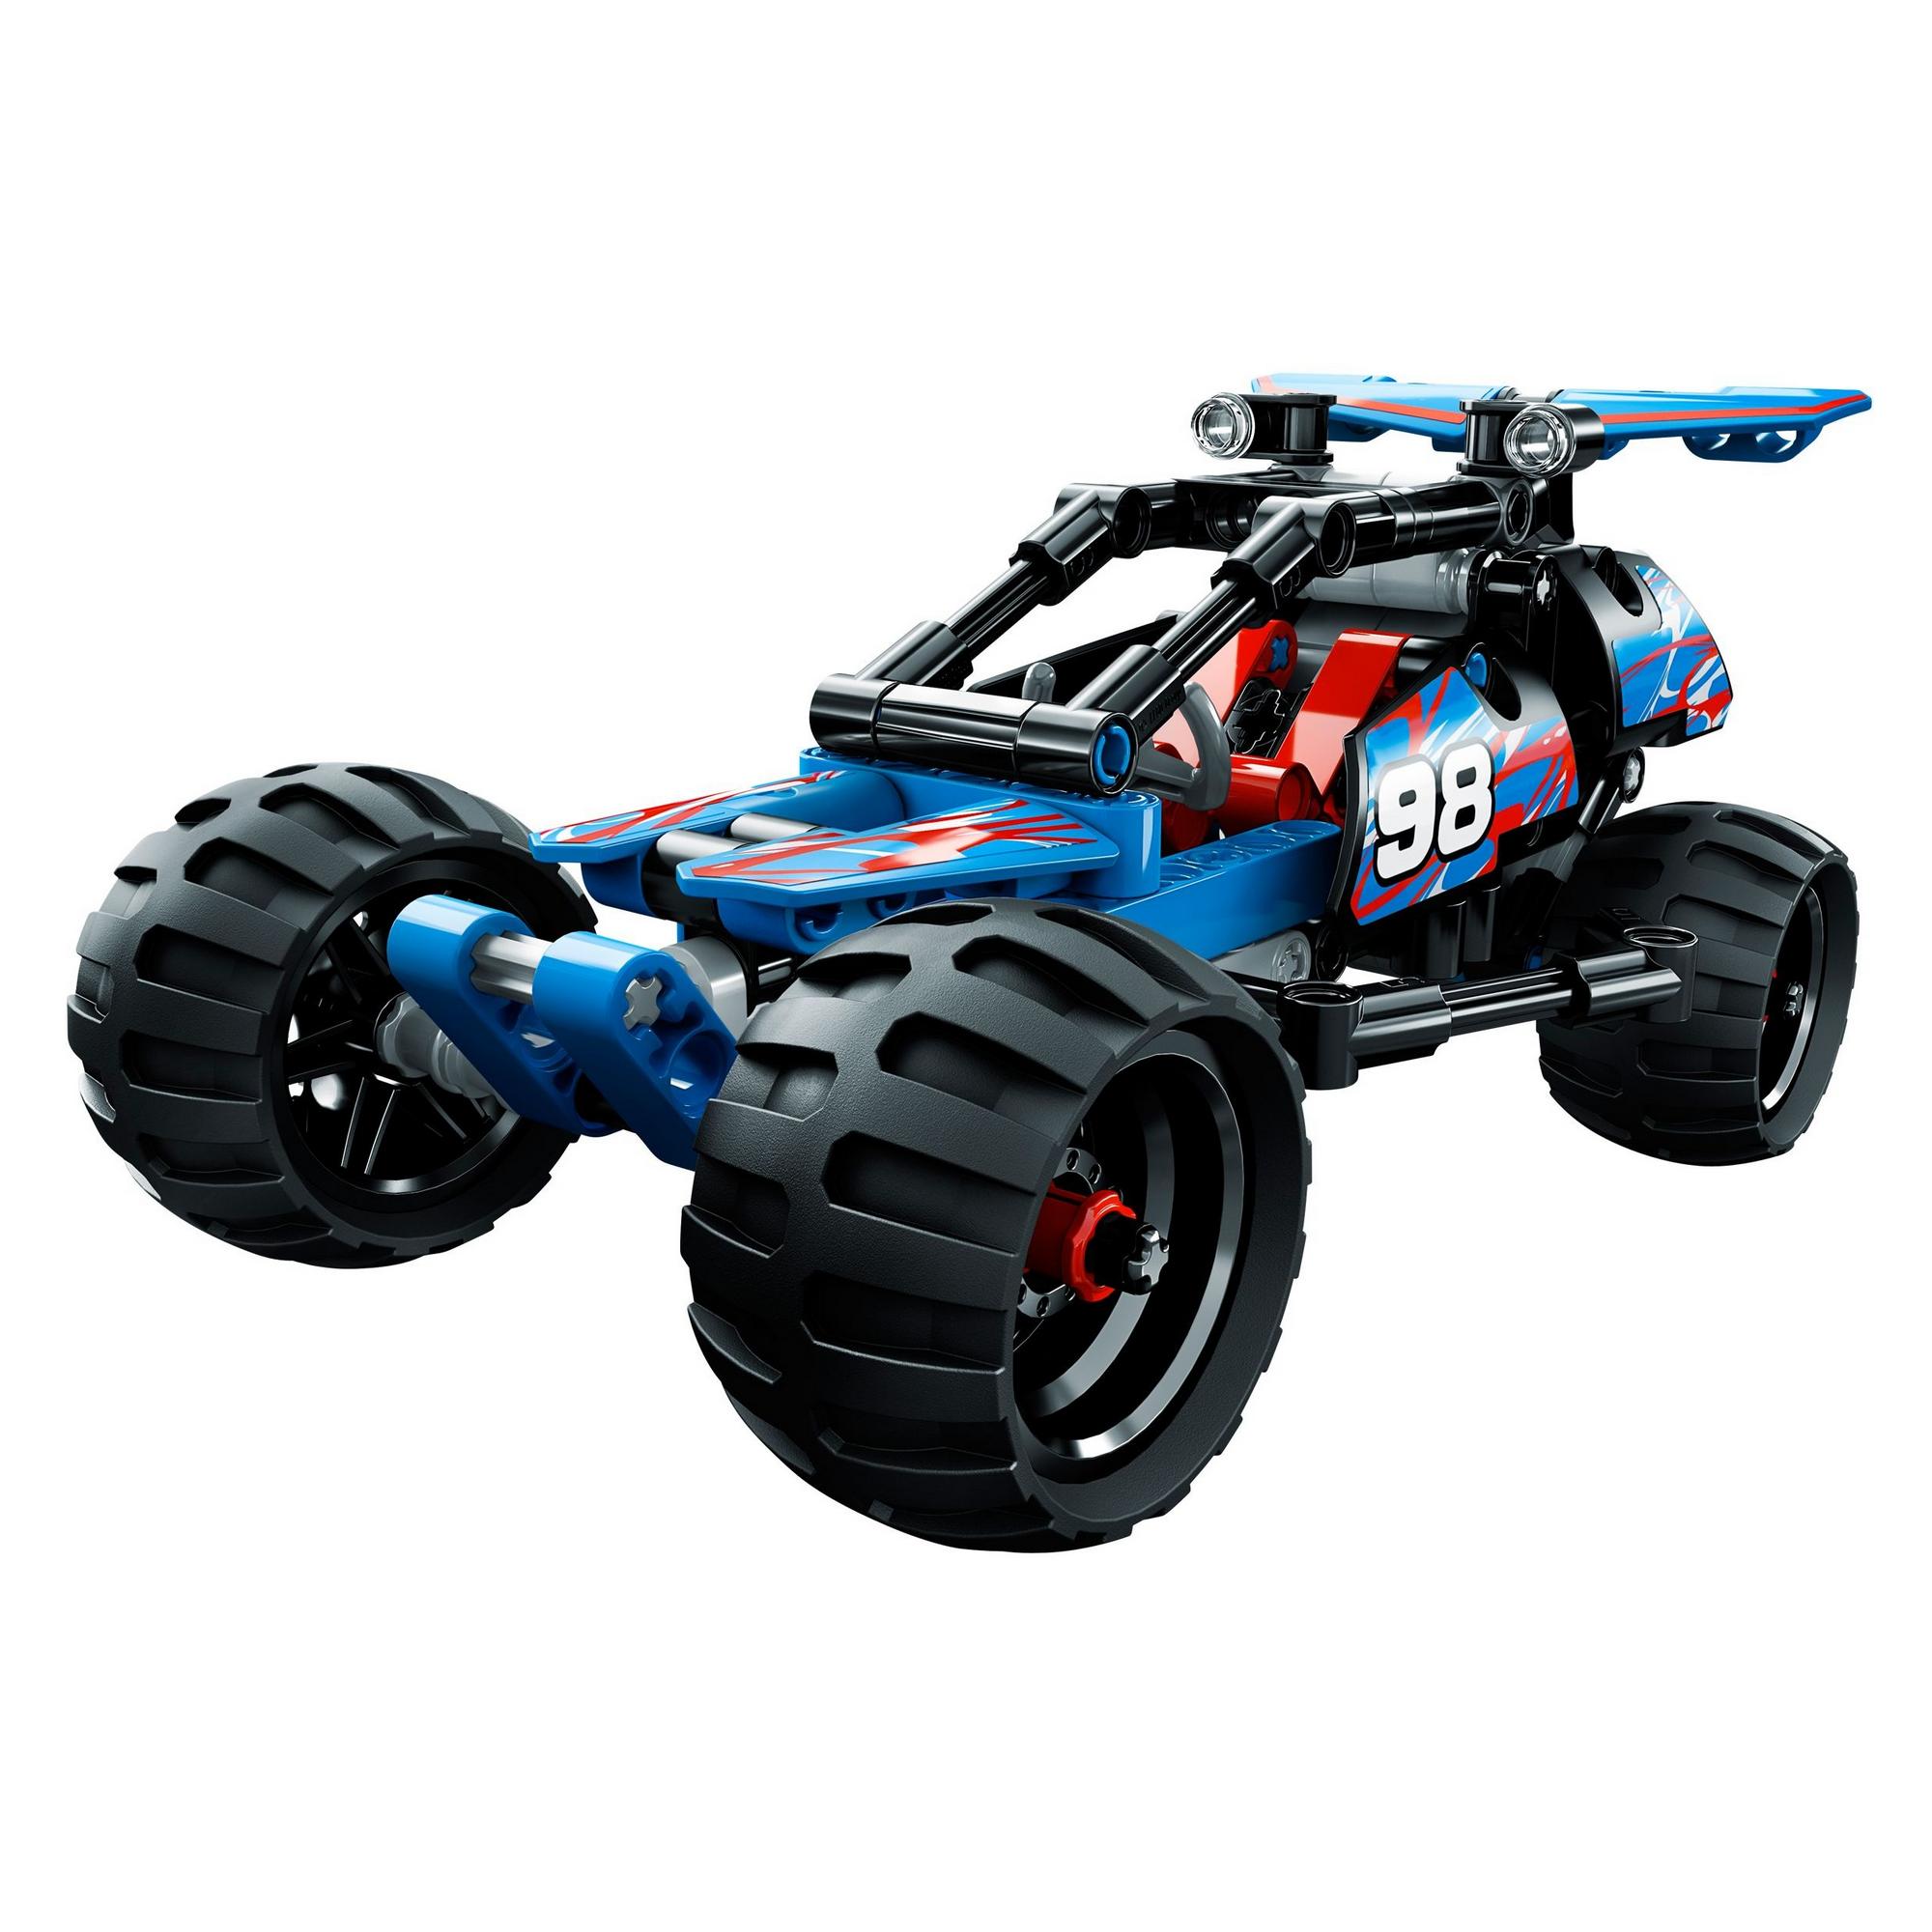 acheter un buggy tout terrain lego technic 42010 sur robot advance. Black Bedroom Furniture Sets. Home Design Ideas